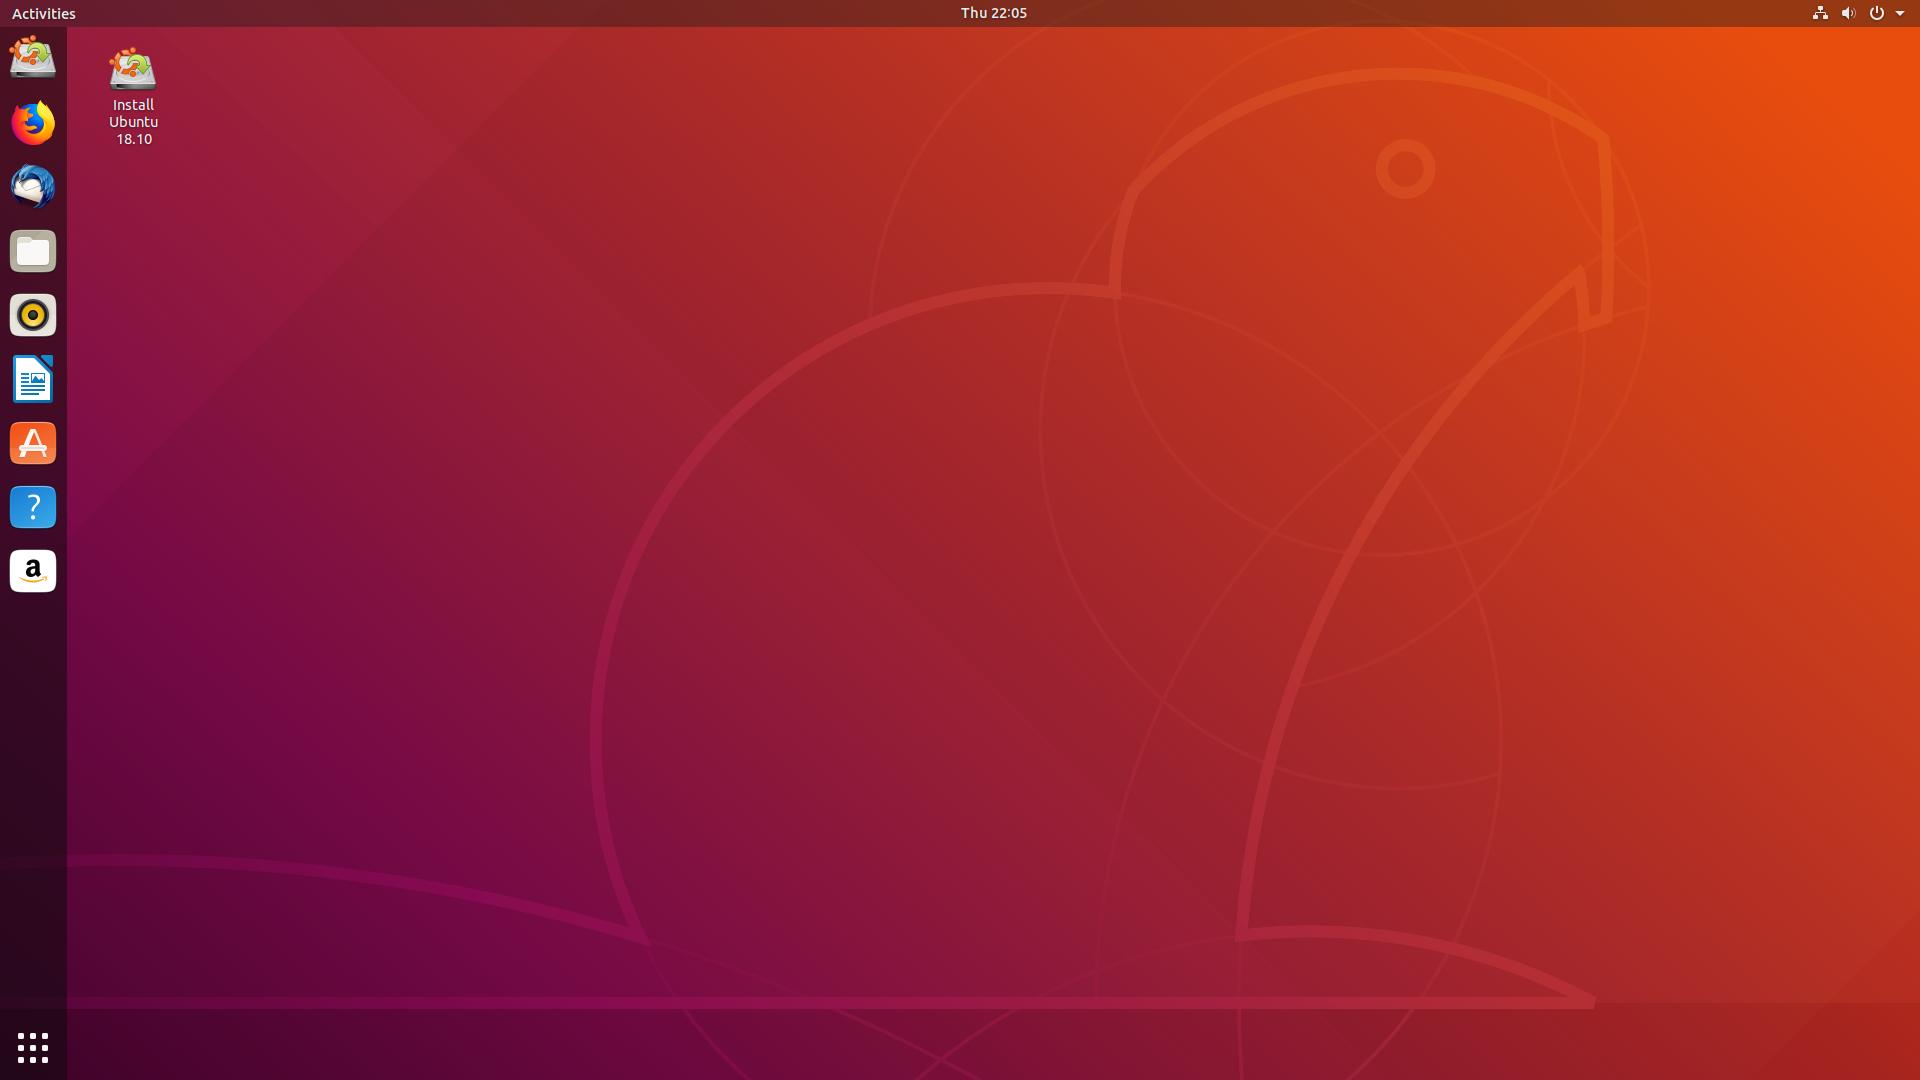 Ubuntu 18.10 asztal